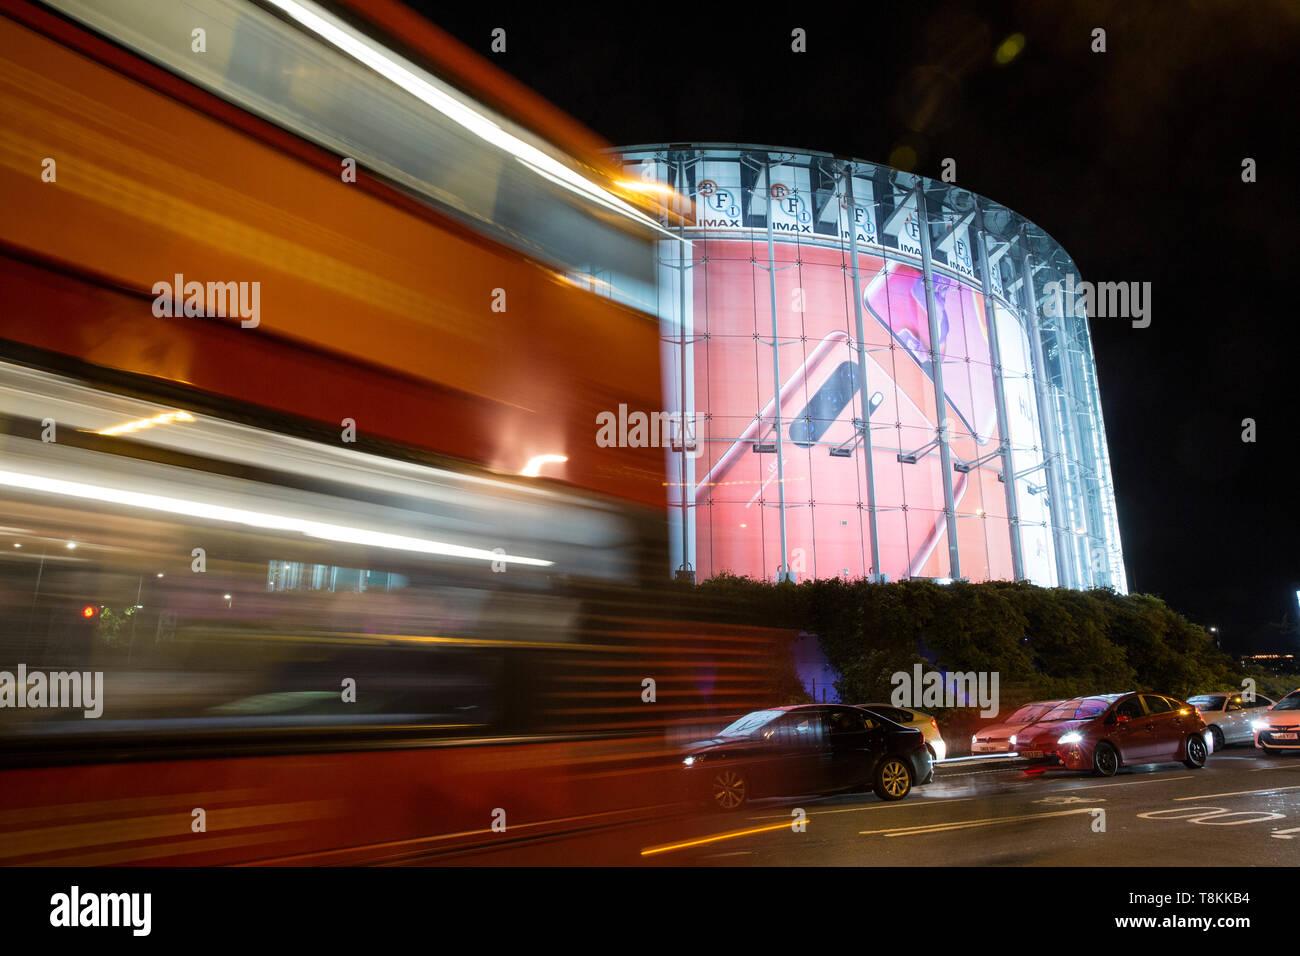 BFI London IMAX-Kino, in Waterloo, in der Nähe der Southbank mit einem großen Huawei Advert, London, England, Großbritannien Stockbild